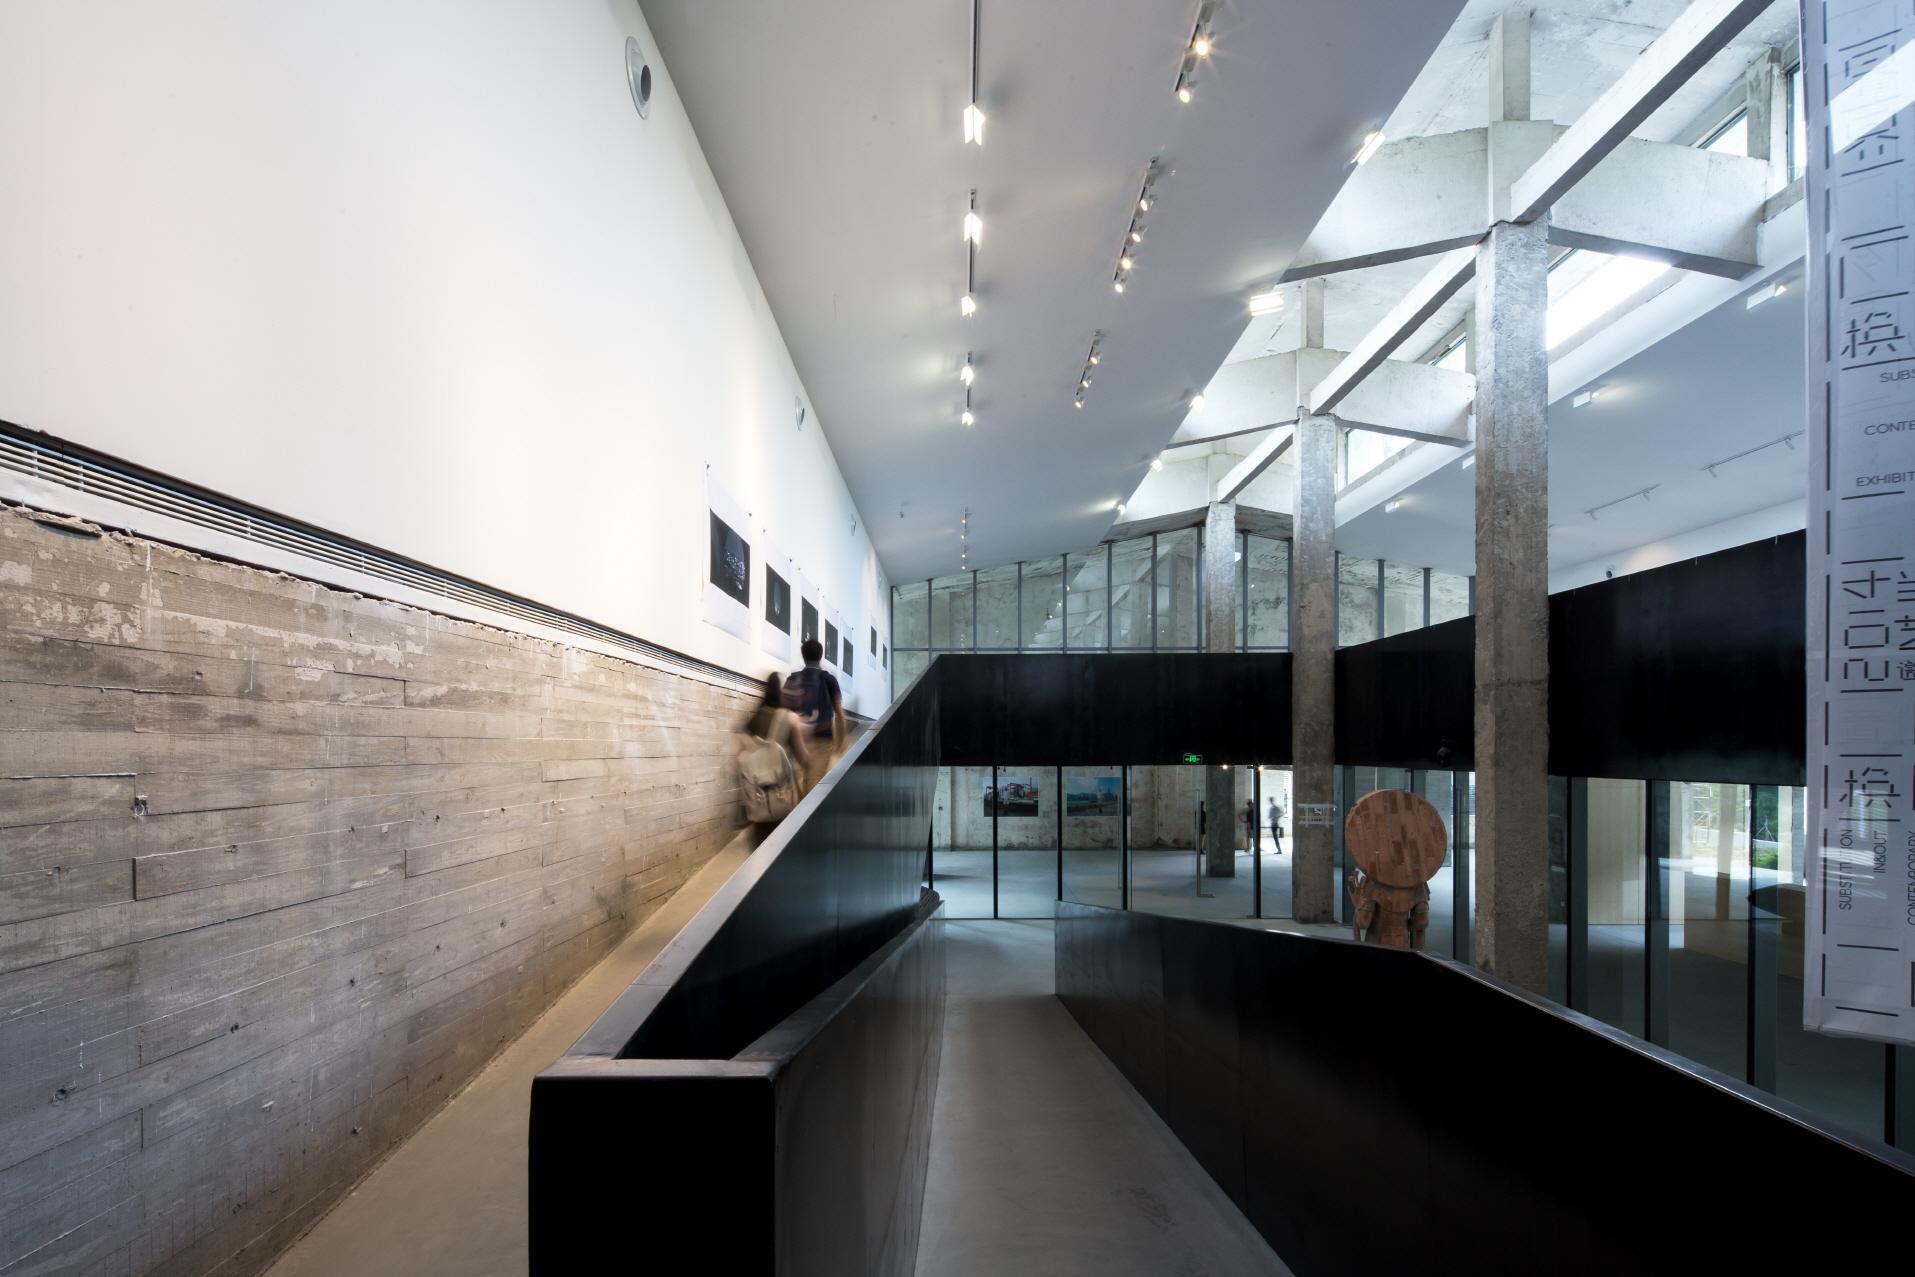 〔안정원의 디자인 칼럼〕 낡은 산업시설에서 호텔과 문화공간으로 변모한 재생 프로젝트 2